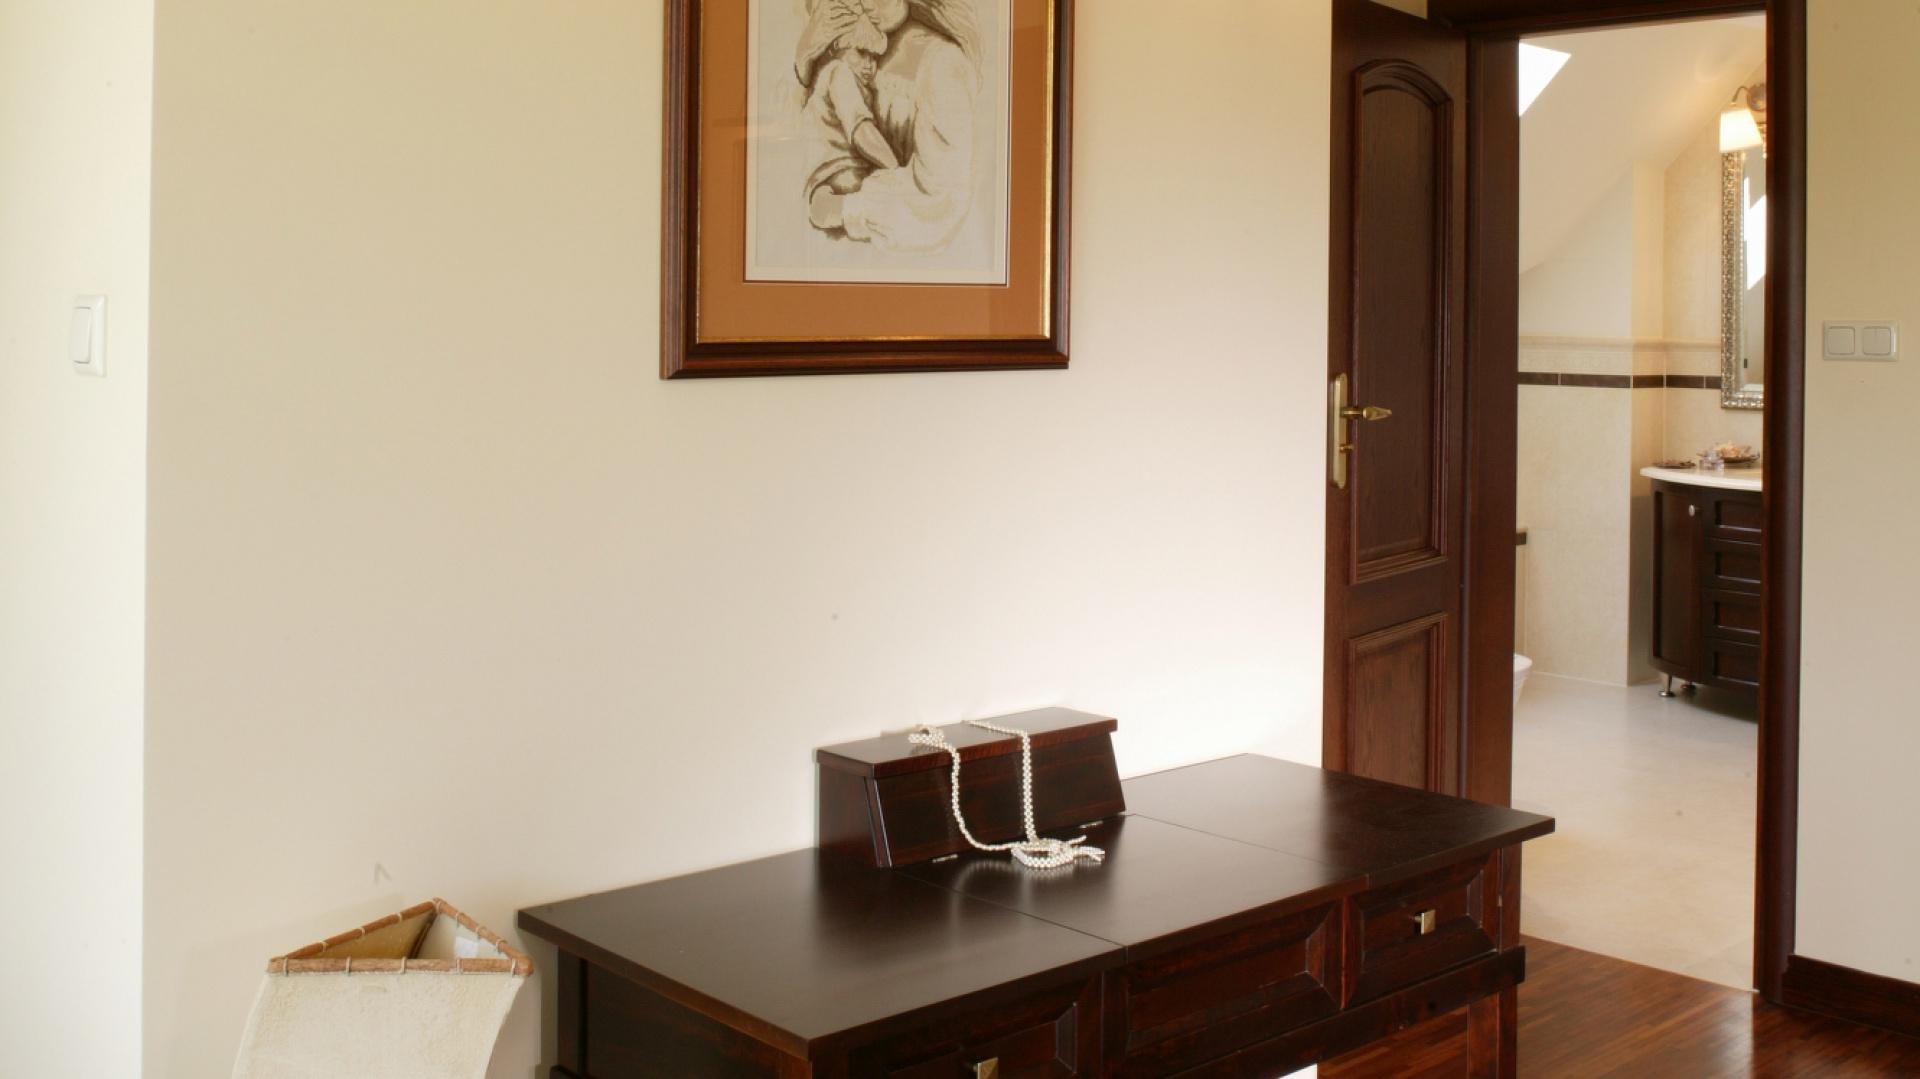 Obok niedużego sekretarzyka stoi charakterystyczna lampa, przypominająca antyczny żagiel. Pozłacane kinkiety, umieszczone nad sekretarzykiem, oświetlają wyhaftowany przez panią domu obrazek. Fot. Monika Filipiuk.